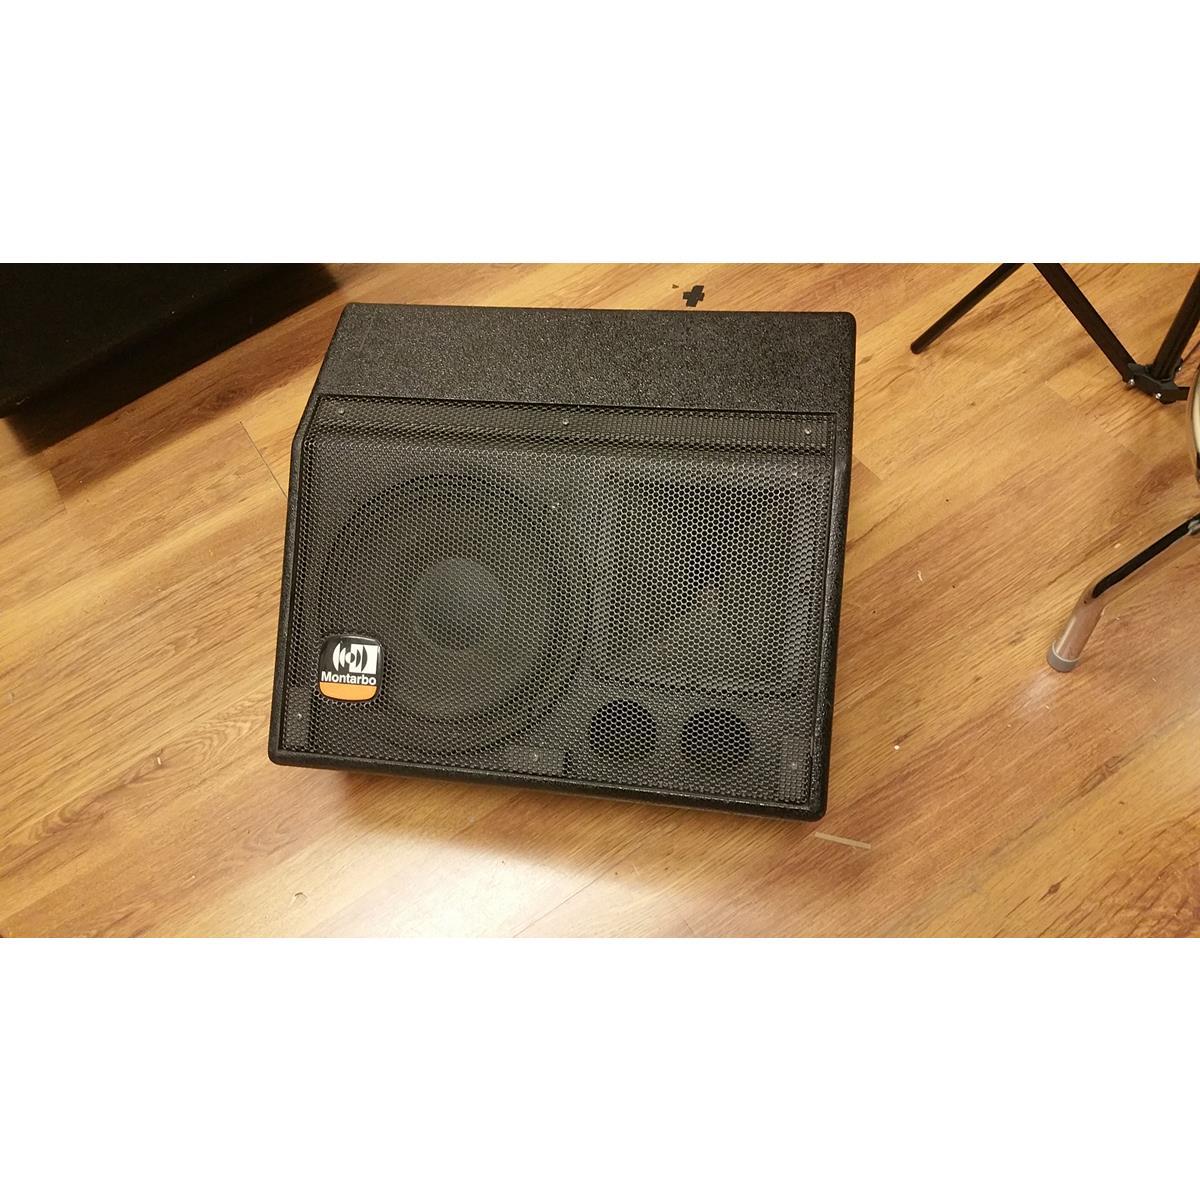 MONTARBO M 22 A MONITOR SPIA . - Voce - Audio Casse e Monitor - Monitor da palco